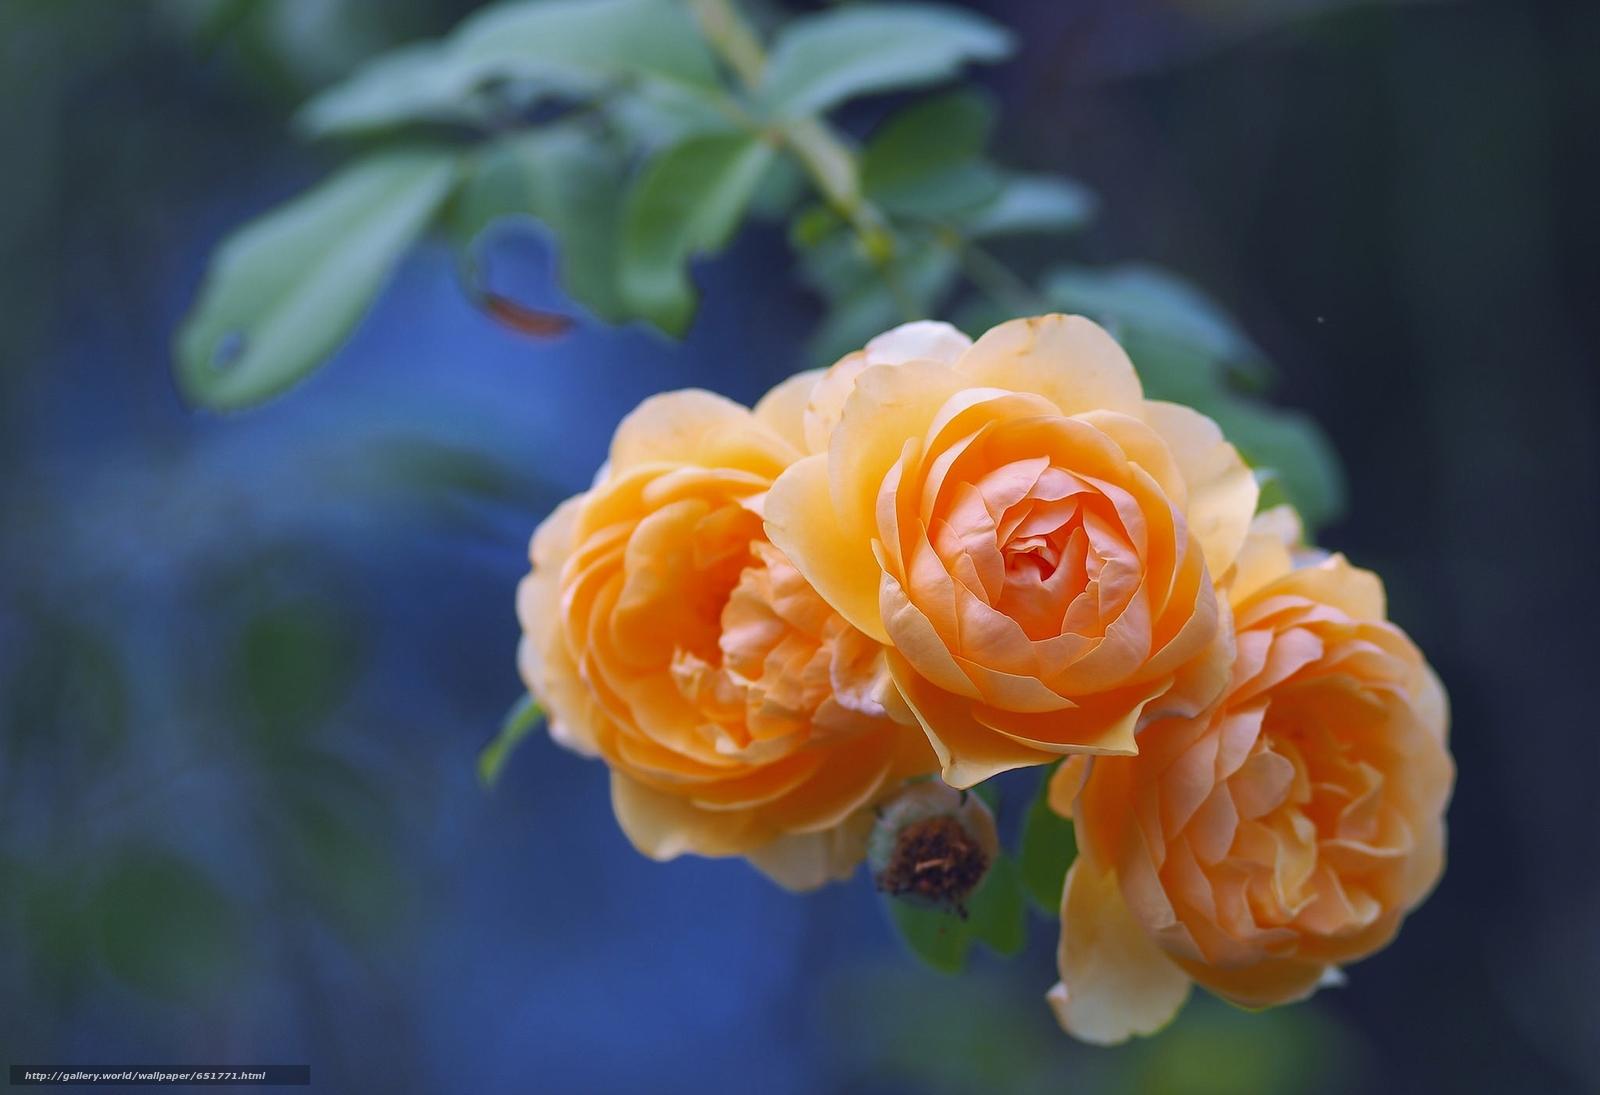 Скачать обои розы,  бутоны,  ветка,  боке бесплатно для рабочего стола в разрешении 2048x1402 — картинка №651771